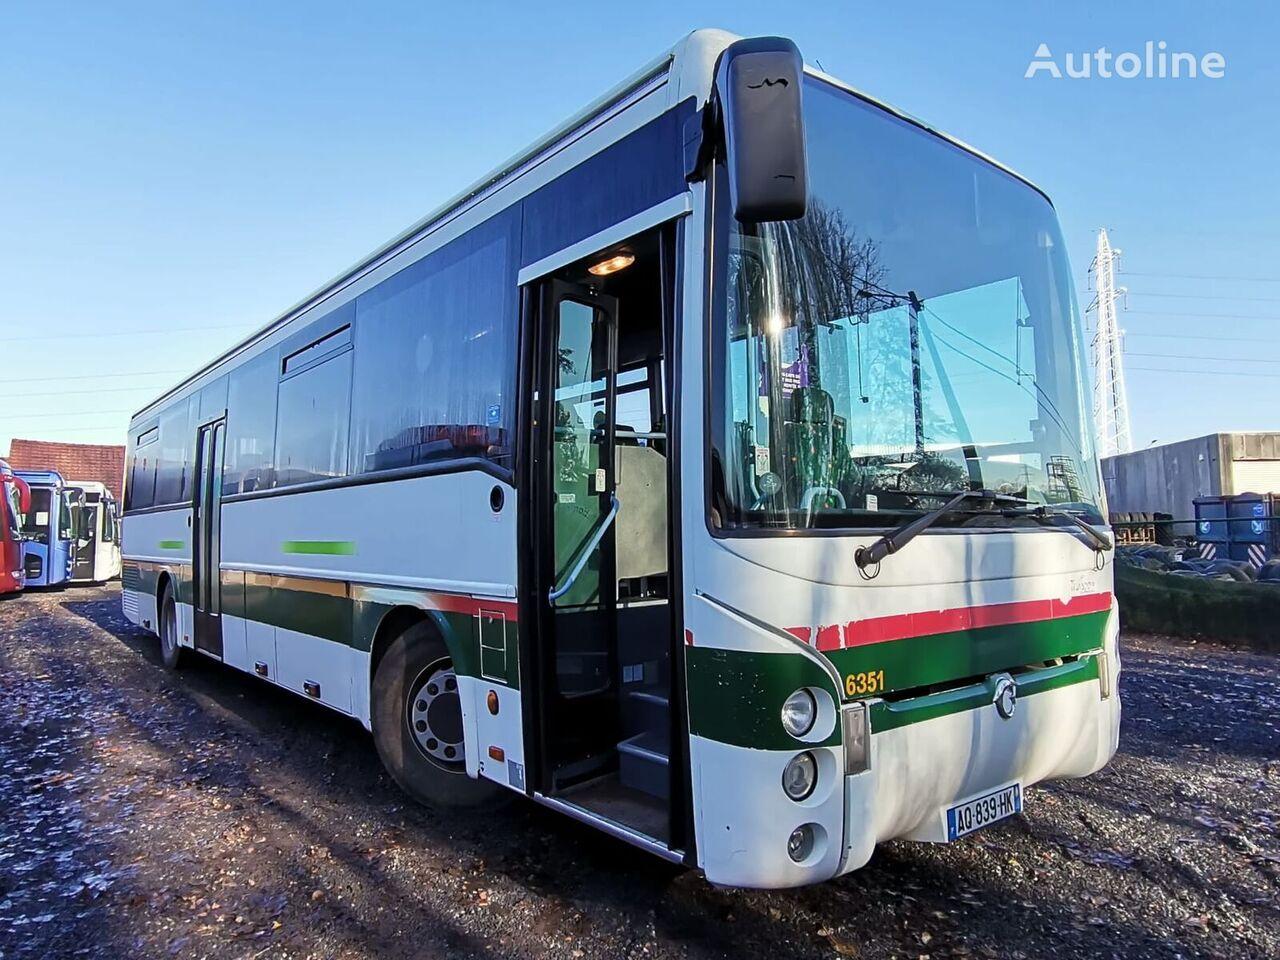 IRISBUS Ares school bus